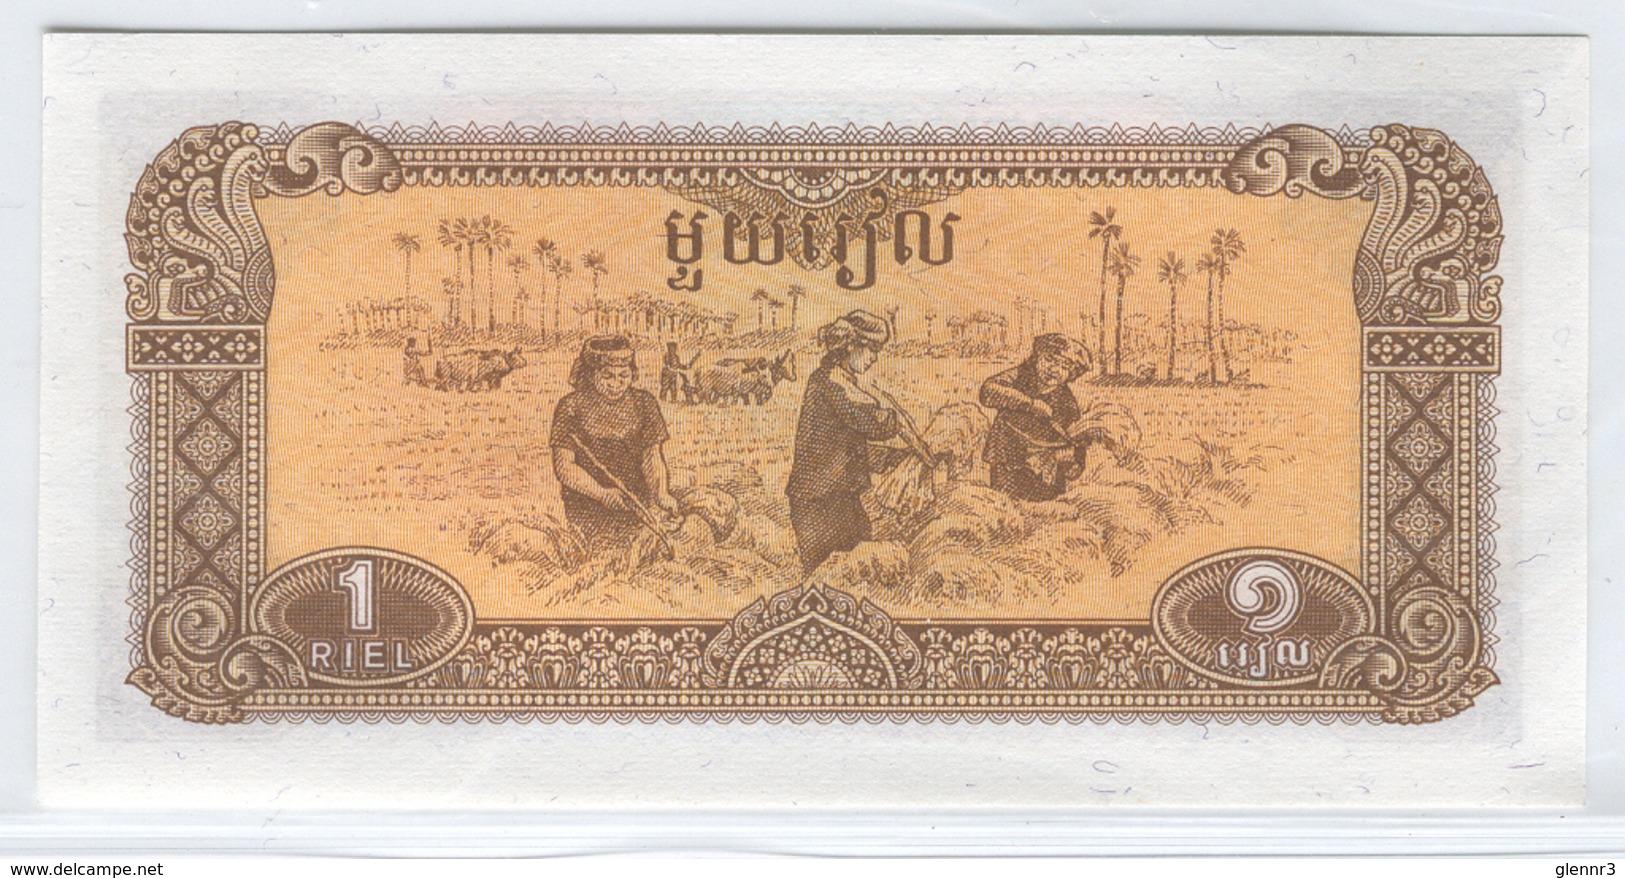 CAMBODIA 28 1979 1 Riel UNC - Cambodia